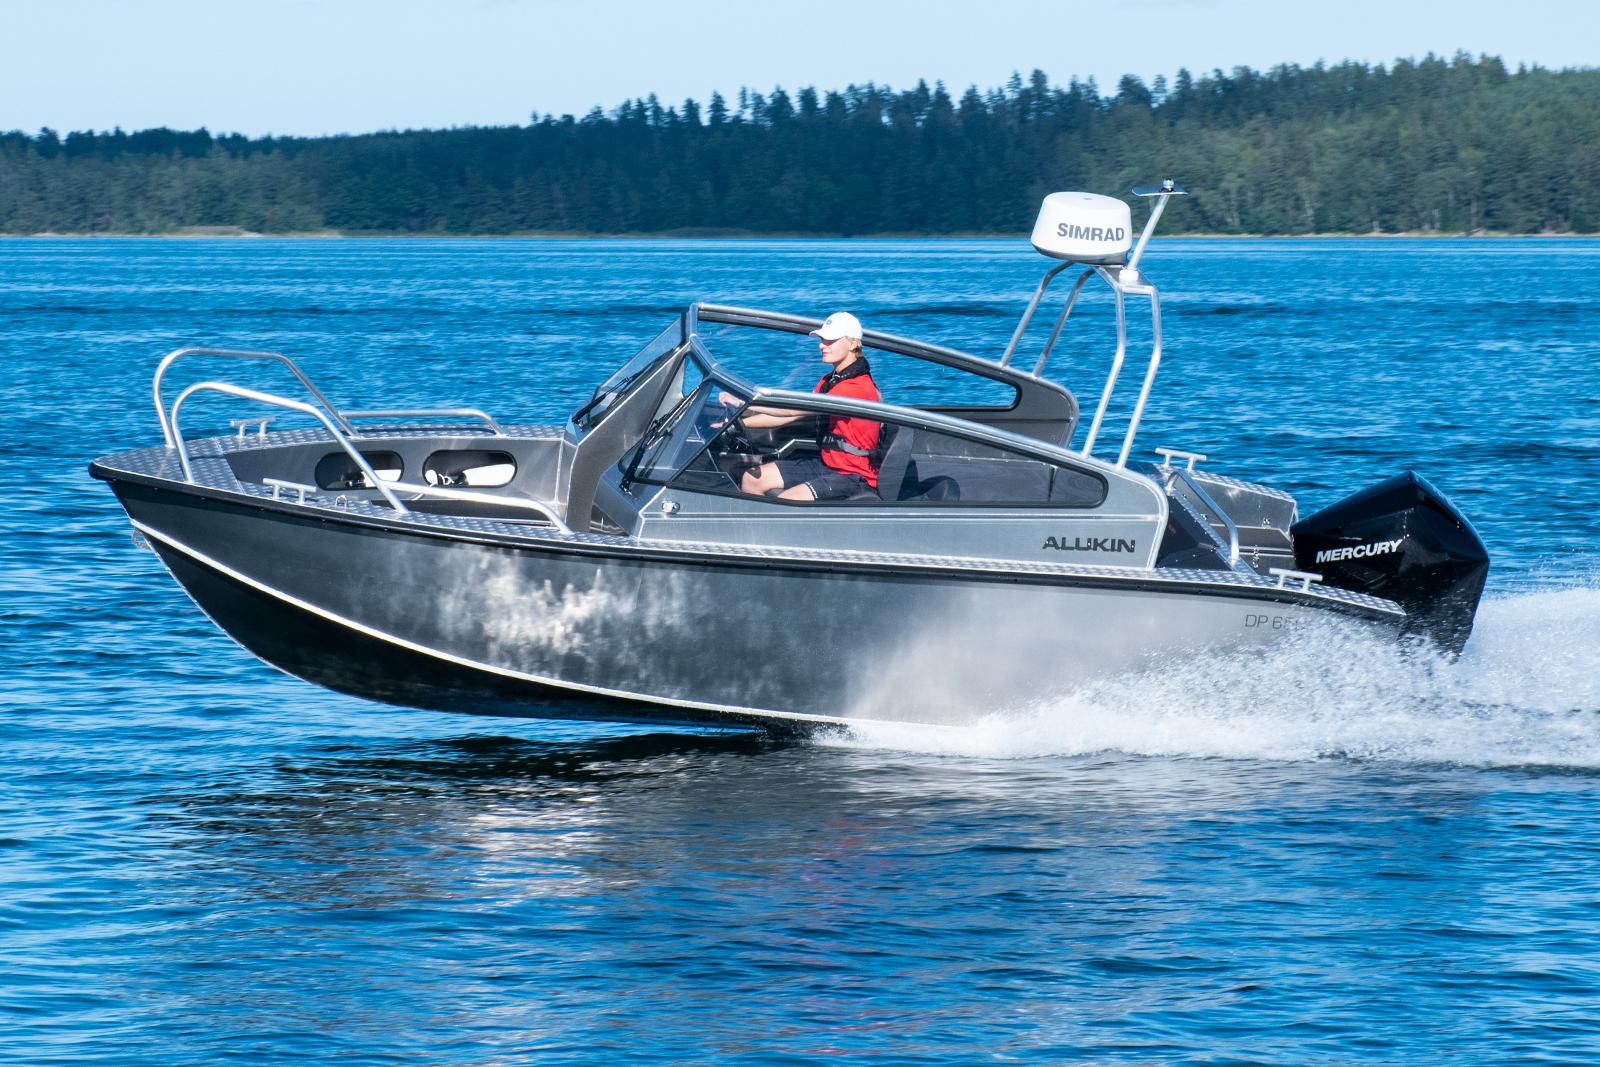 Alukin DP 650 med Mercury V6-200 DTS